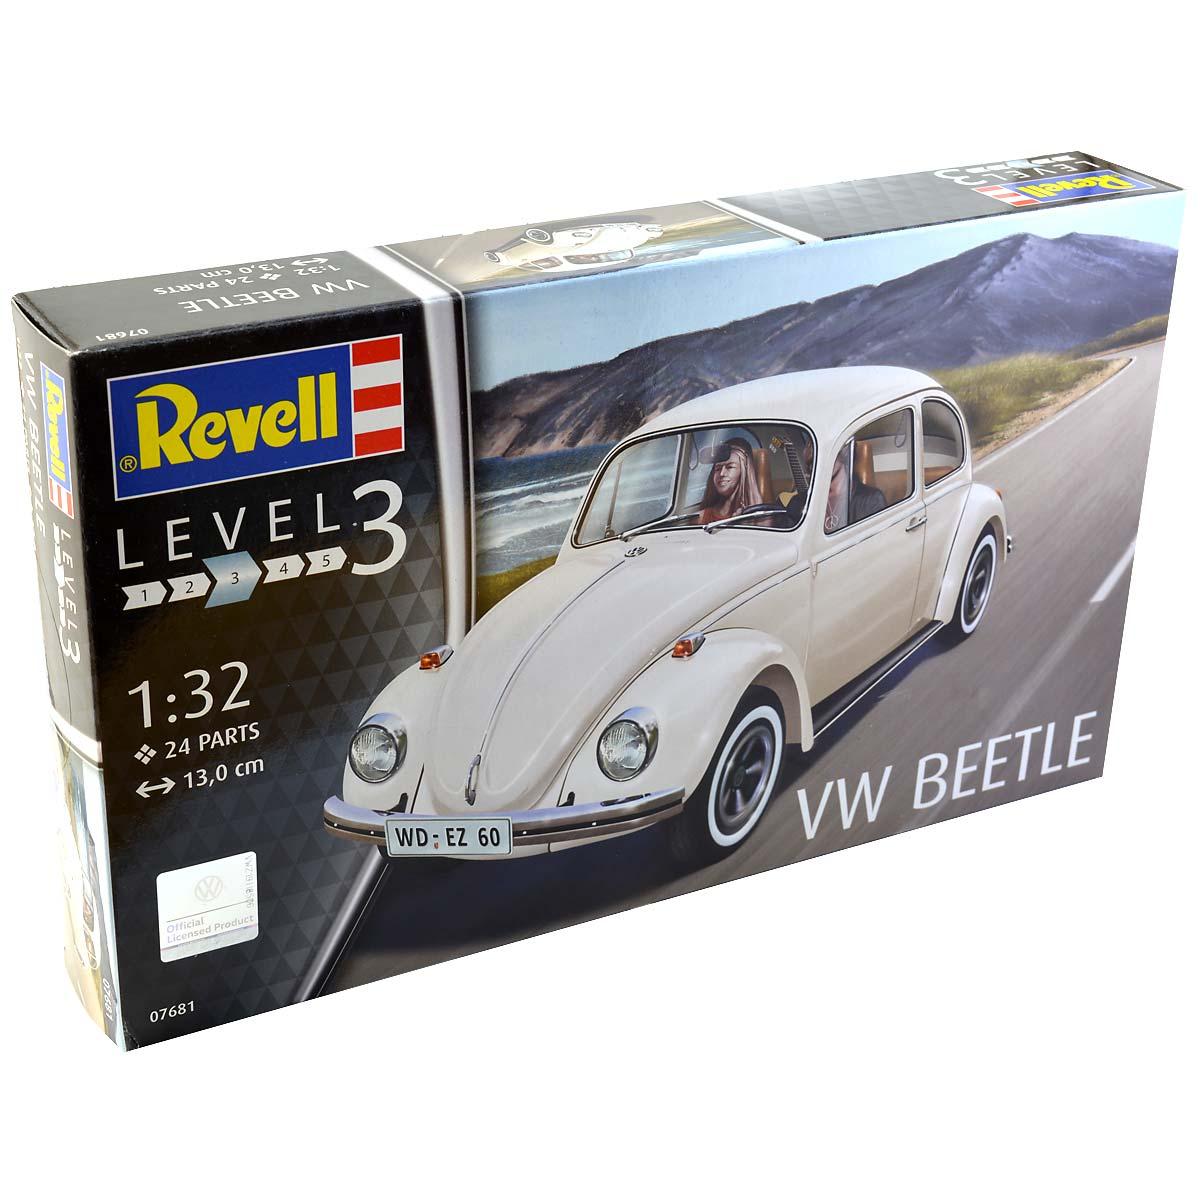 Revell Slot Cars Uk